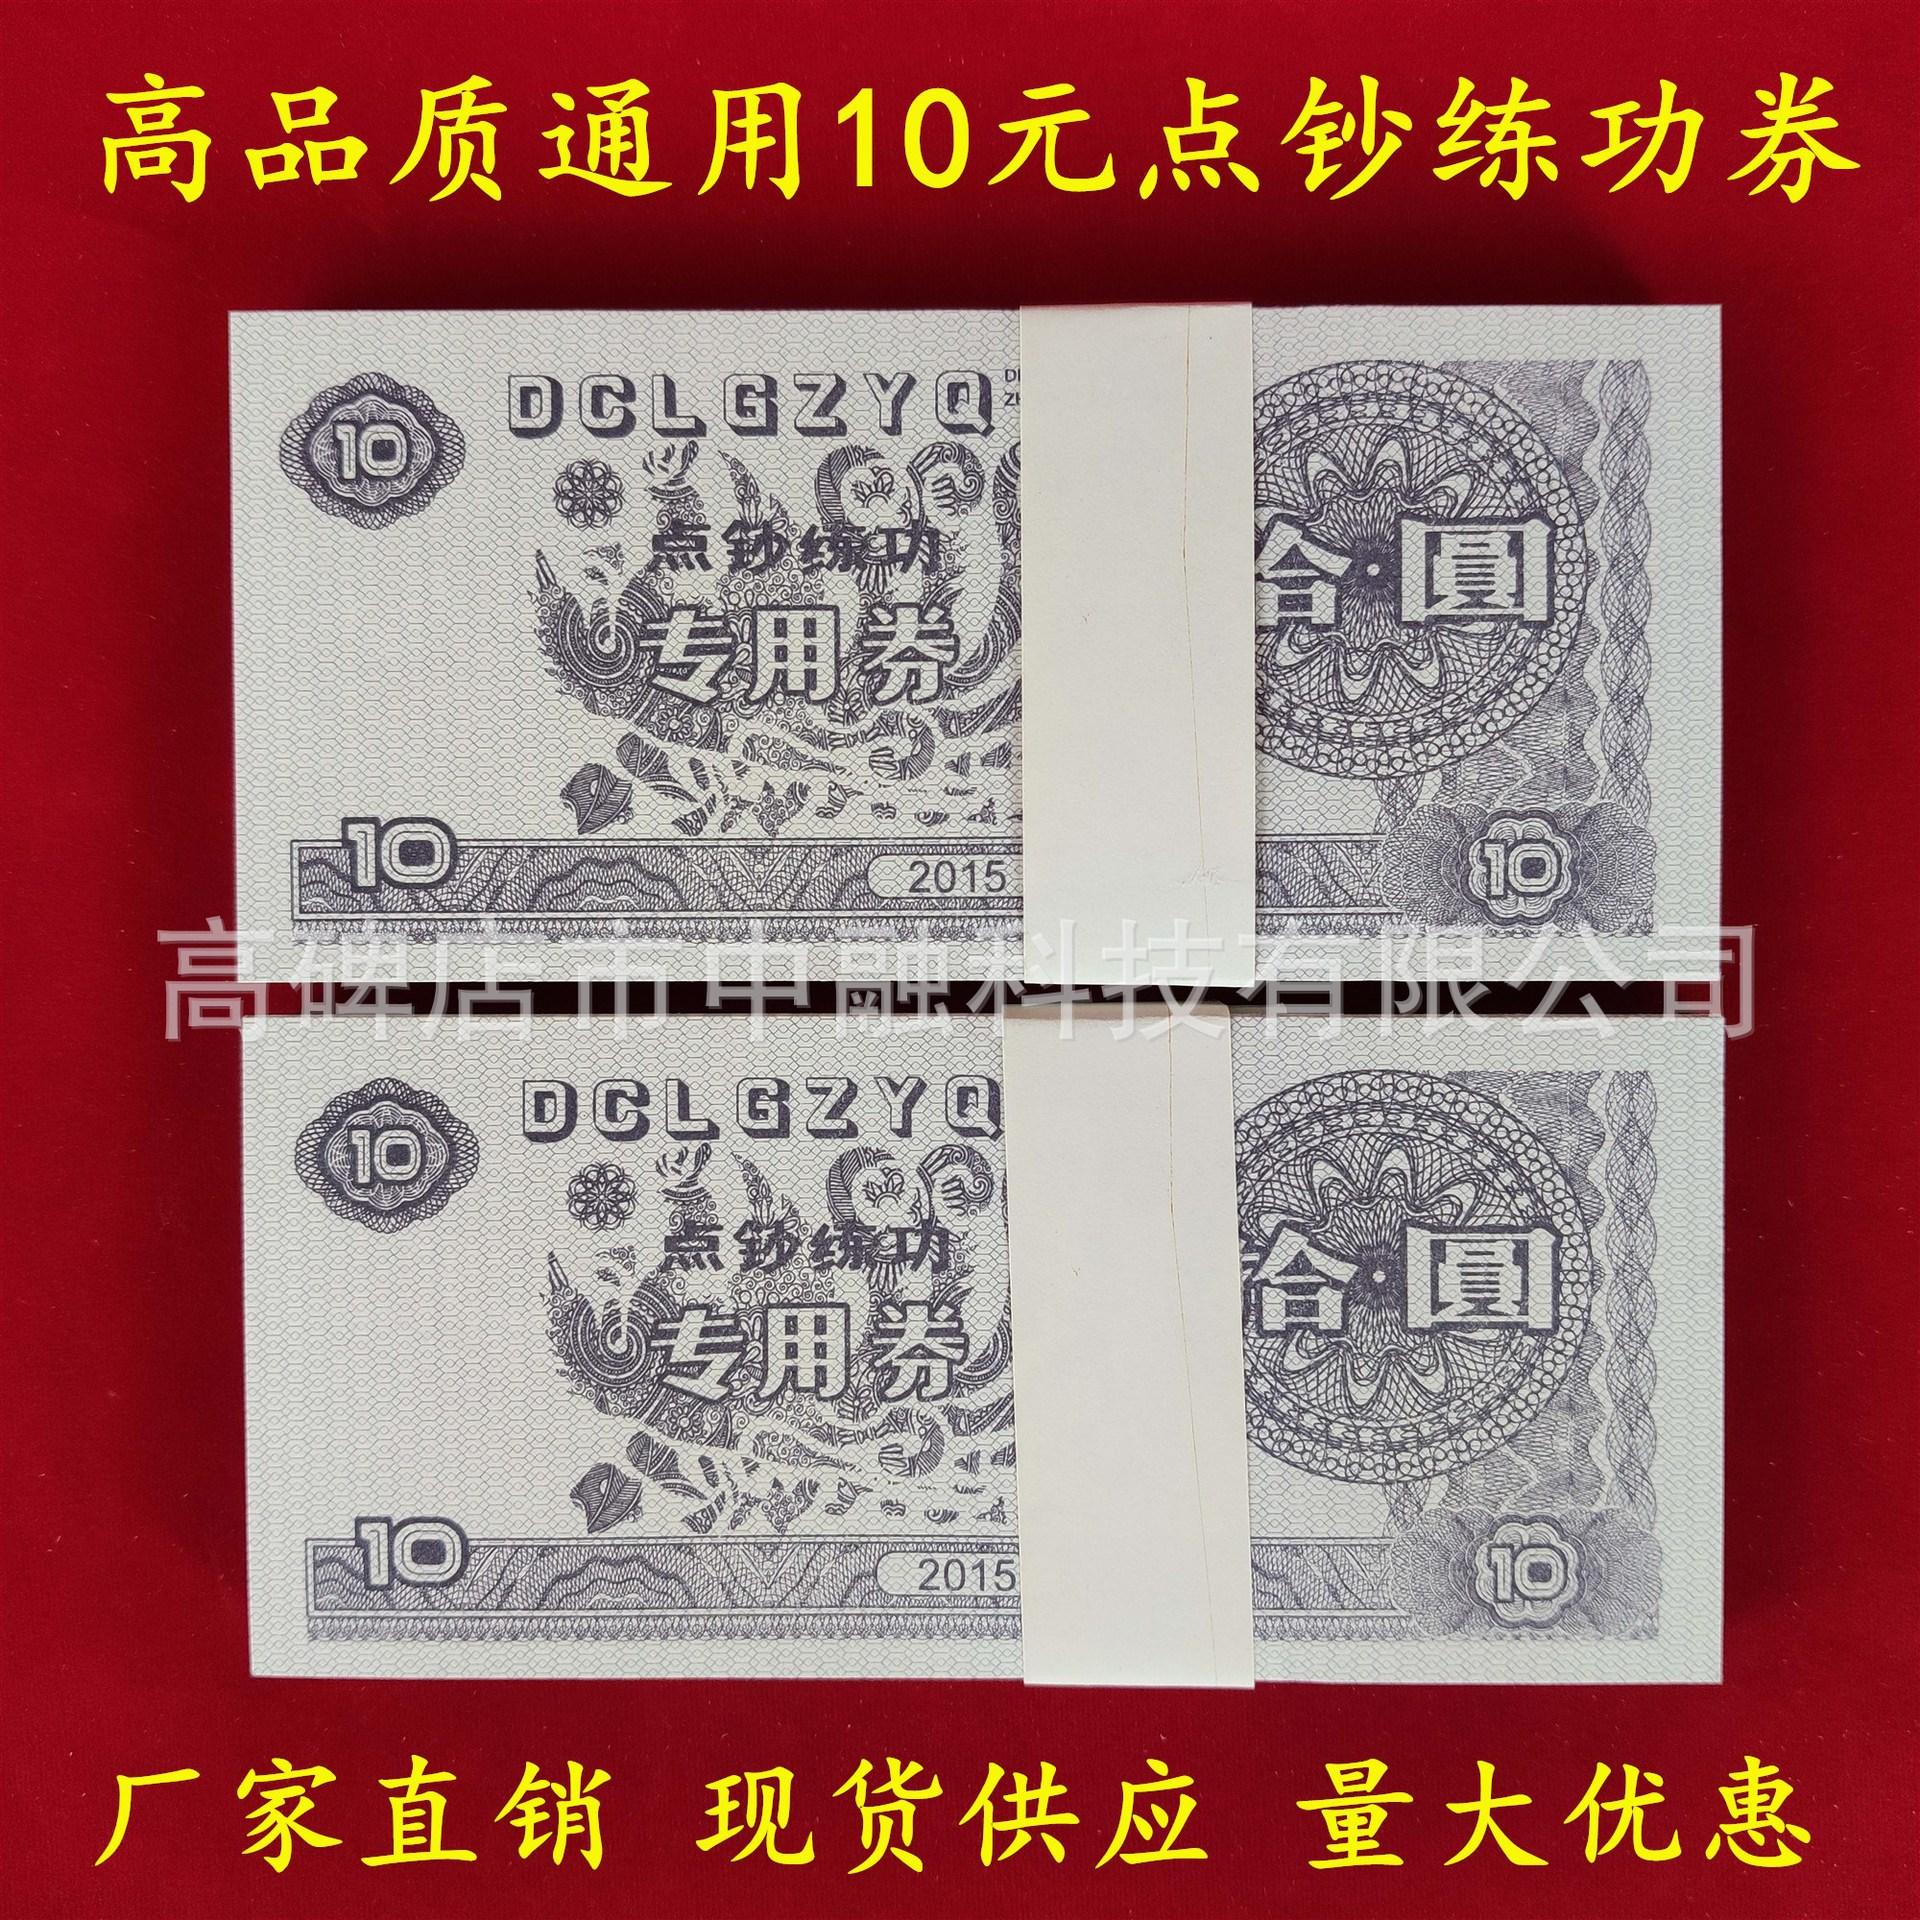 高品质会计点钞练功券银行专用点钞纸 银行学生比赛专用10面值